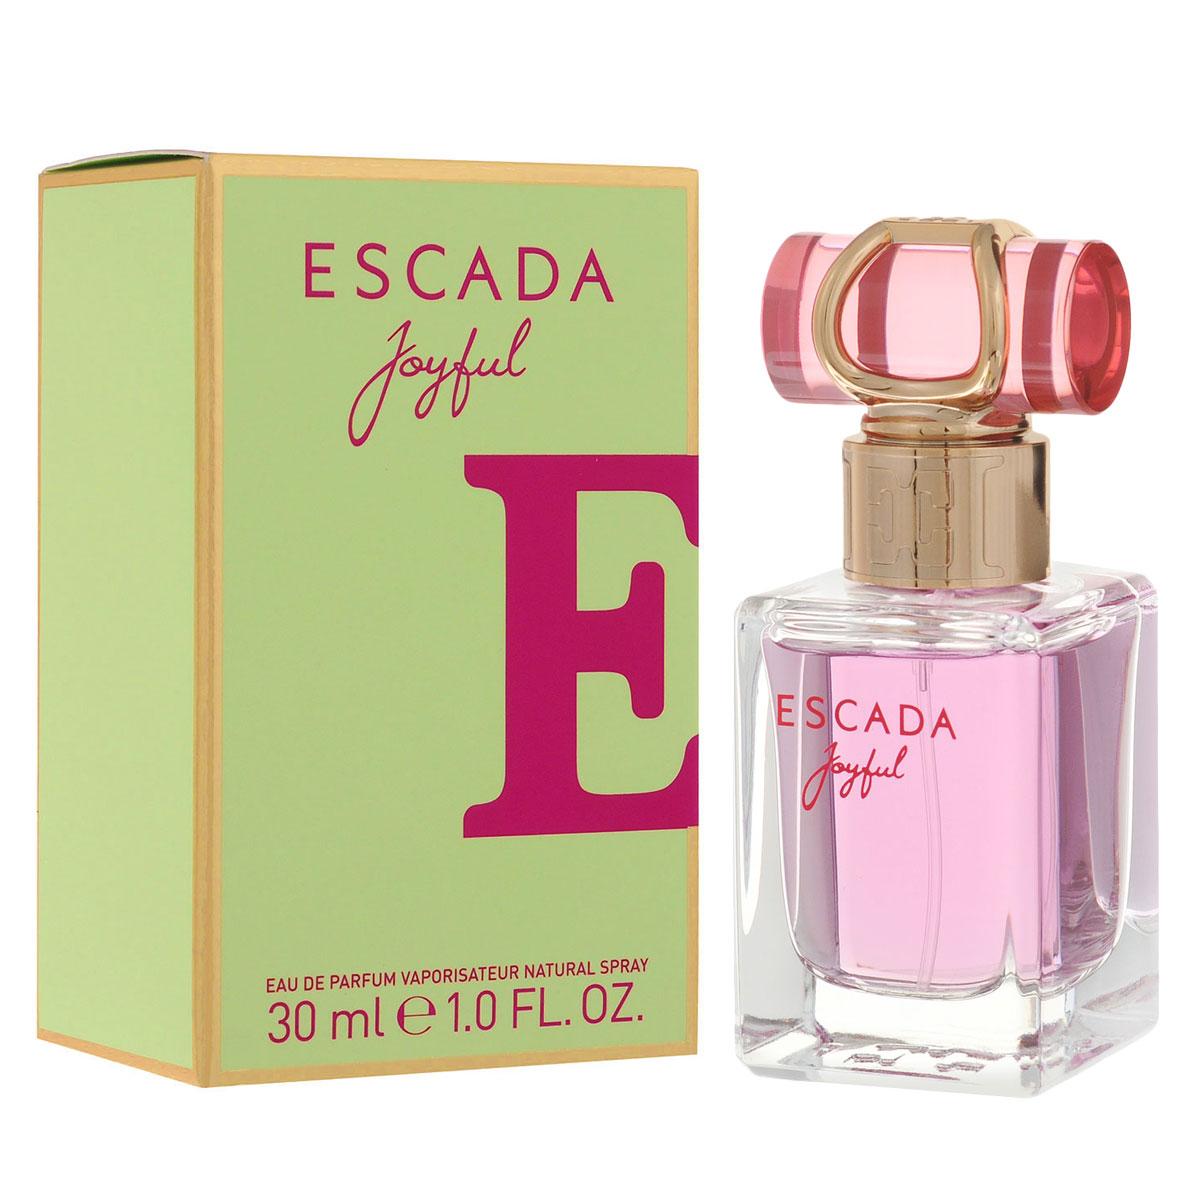 Escada Парфюмерная вода Joyful, женская, 30 мл1301210Нежный и легкий, словно мерцающая утренняя роса, ESCADA Joyful – это восхитительный цветочный аромат. Насыщенный аромат магнолии и розового пиона придает аромату глубину, выразительность и изысканный характер. Верхние ноты Аромат открывается аккордом сорбета из черной смородины, который дарит коже ощущение свежести и прохлады. Энергичные ноты мандарина и дыни придают композиции игривость и свободу духа. Сердечные ноты Фруктовые аккорды гармонично дополняются нотами листьев фиалки, в то время как розовый пион добавляет жизнерадостности. Натуральное масло магнолии придает особую свежесть, которую усиливают острые ноты розовой фрезии и цикламена. Базовые ноты Теплый шлейф содержит уникальный компонент, Florimoss, придающий композиции землистые оттенки, окутанные нотами теплого сливочного сандалового дерева и роскошных медовых сот. Все это создает идеальное обрамление и добавляет насыщенности цветочным ингредиентам.Верхняя нота: сорбет из черной смородины, мандарина и дыни.Средняя нота: листья фиалки, розовый пион и цикламен.Шлейф: сандаловое дерево и роскошные медовые соты.Аромат наполнен нотами свежайших розовых пионов в обрамлении подернутых росой белых цветов.Дневной и вечерний аромат.